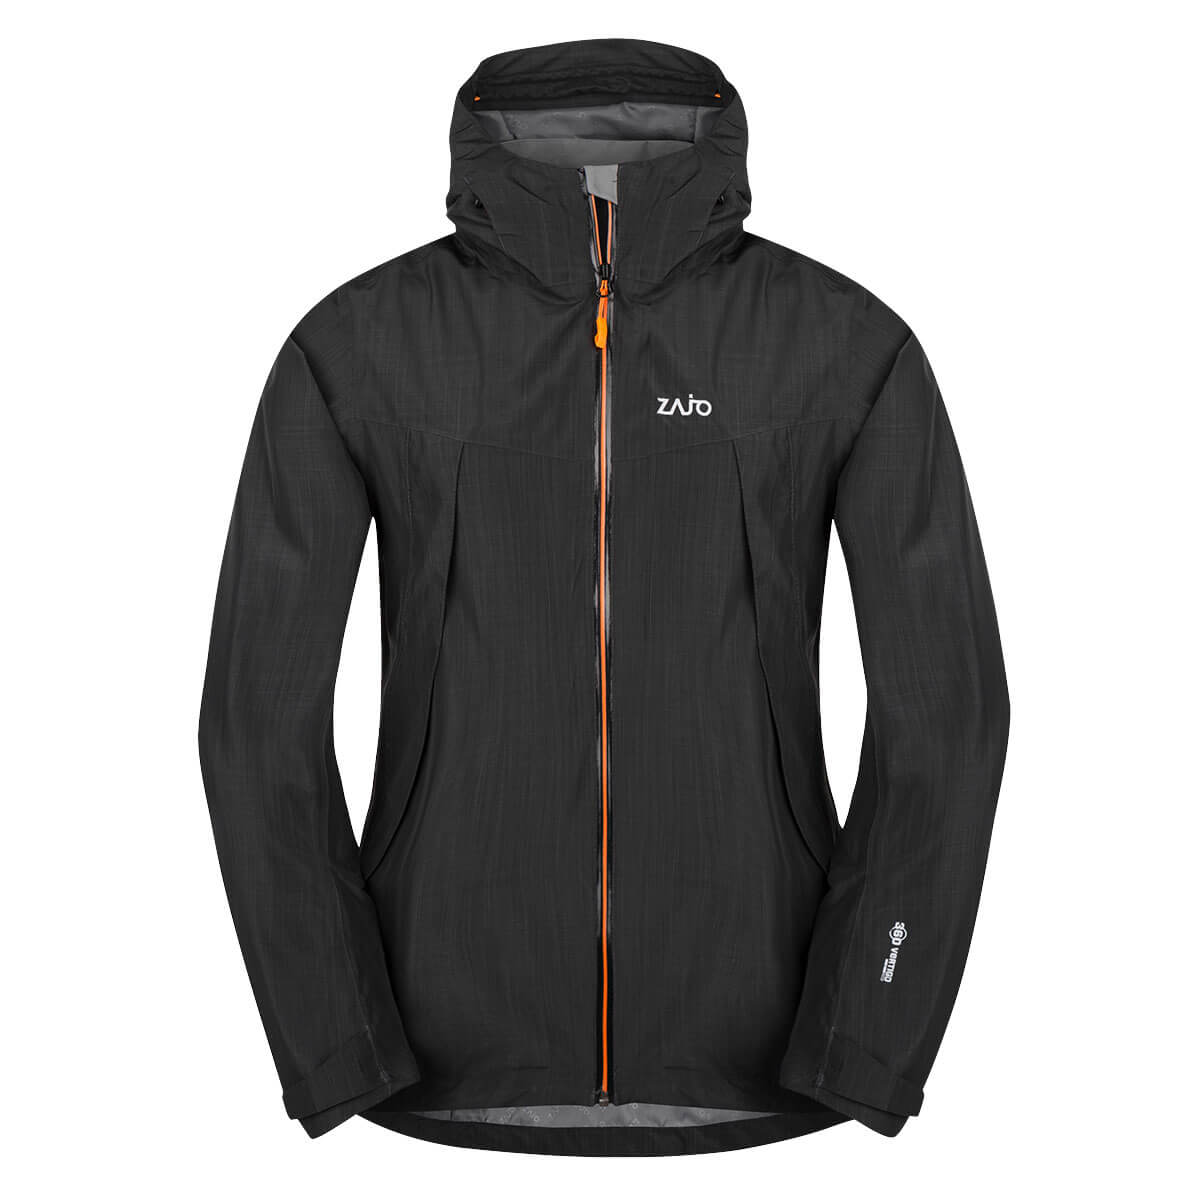 Pánska bunda Zajo Gasherbrum Neo JKT Black - veľkosť S